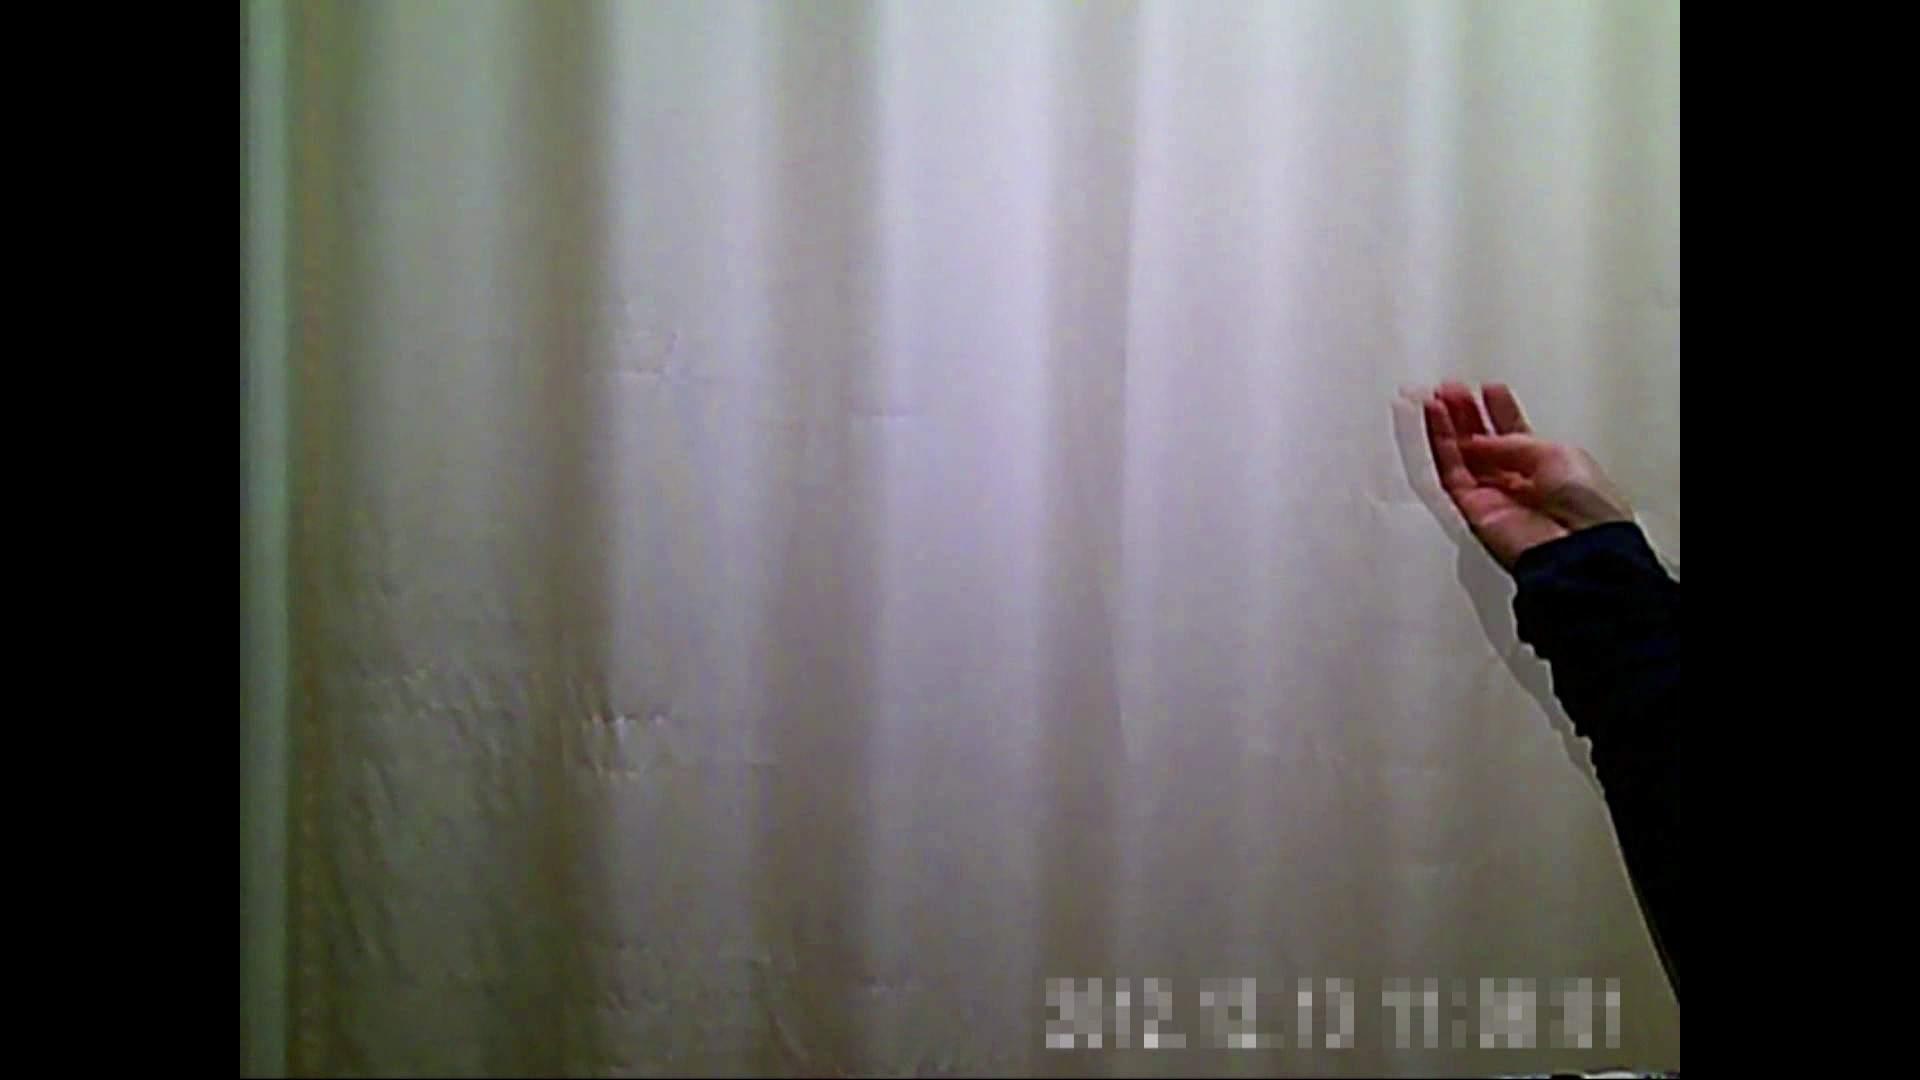 病院おもいっきり着替え! vol.176 乳首 オマンコ無修正動画無料 94pic 76